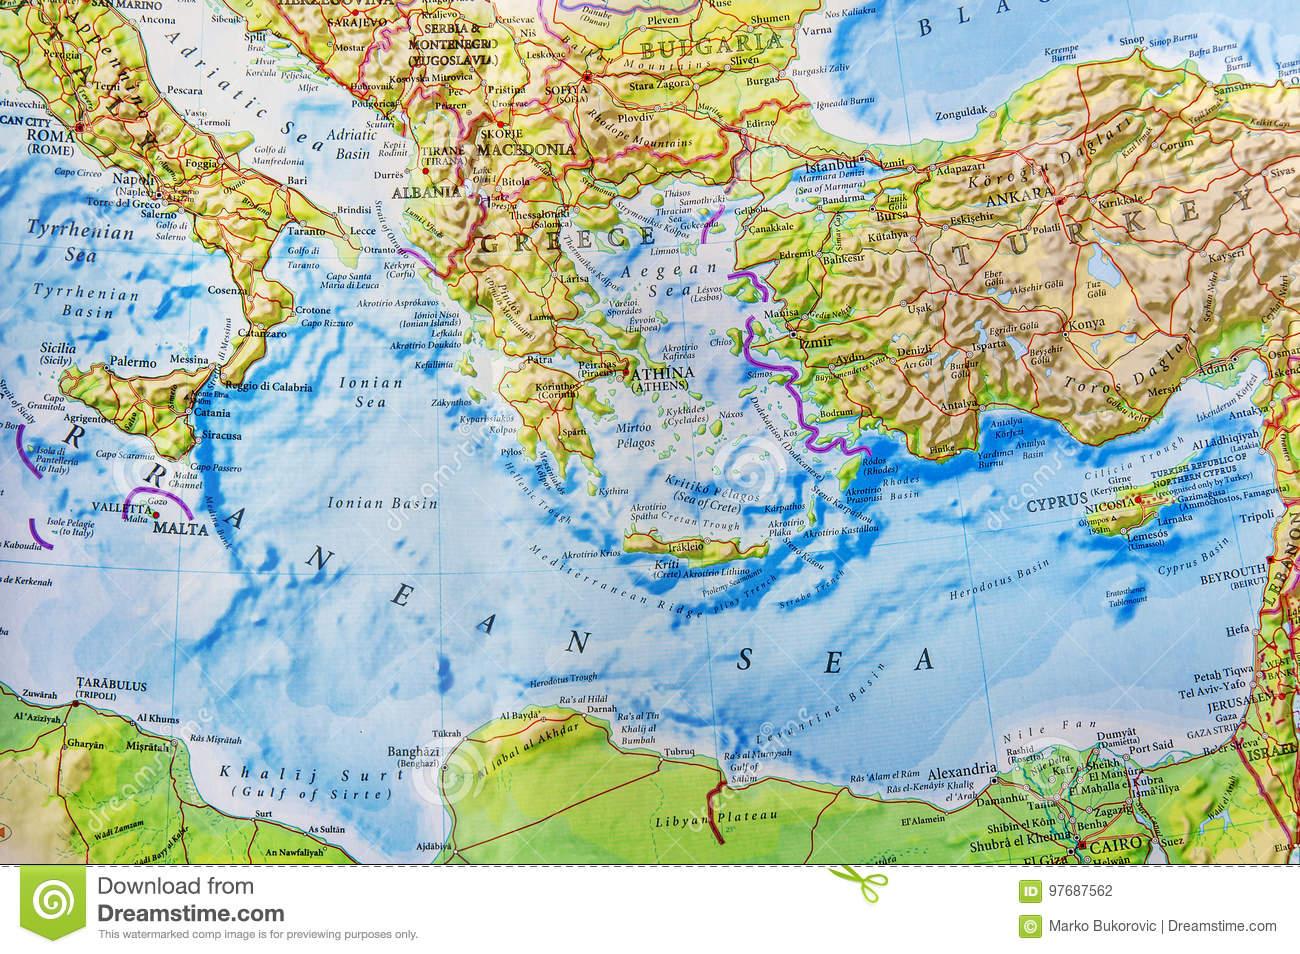 Carte Géographique D'une Partie De L'europe Photo Stock tout Carte Géographique Europe